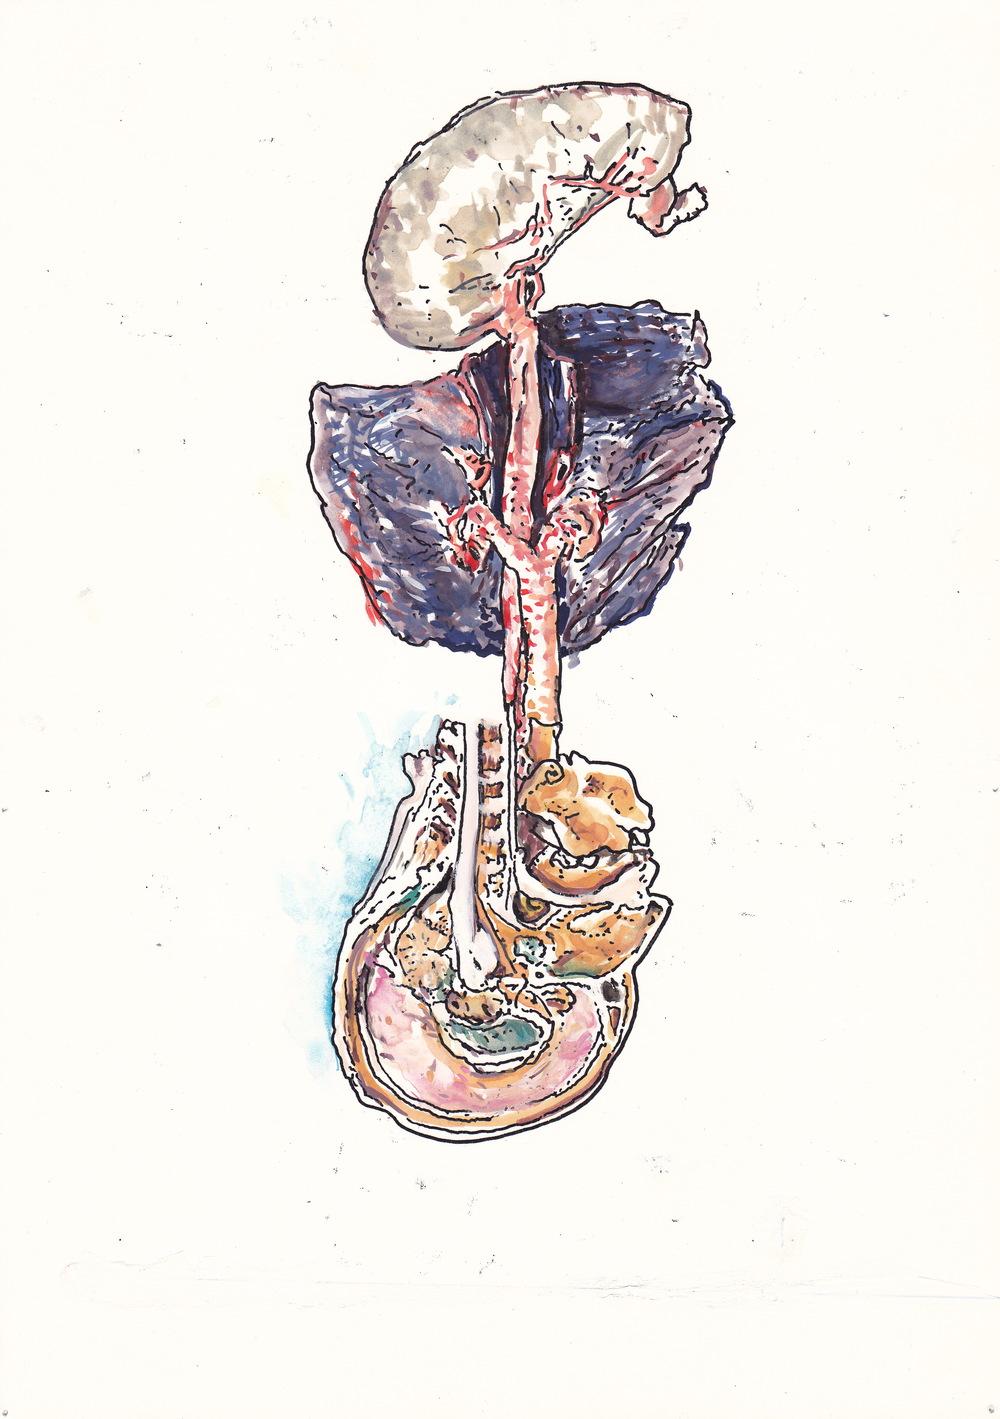 Mimi.Gross.anatomy.033.jpg